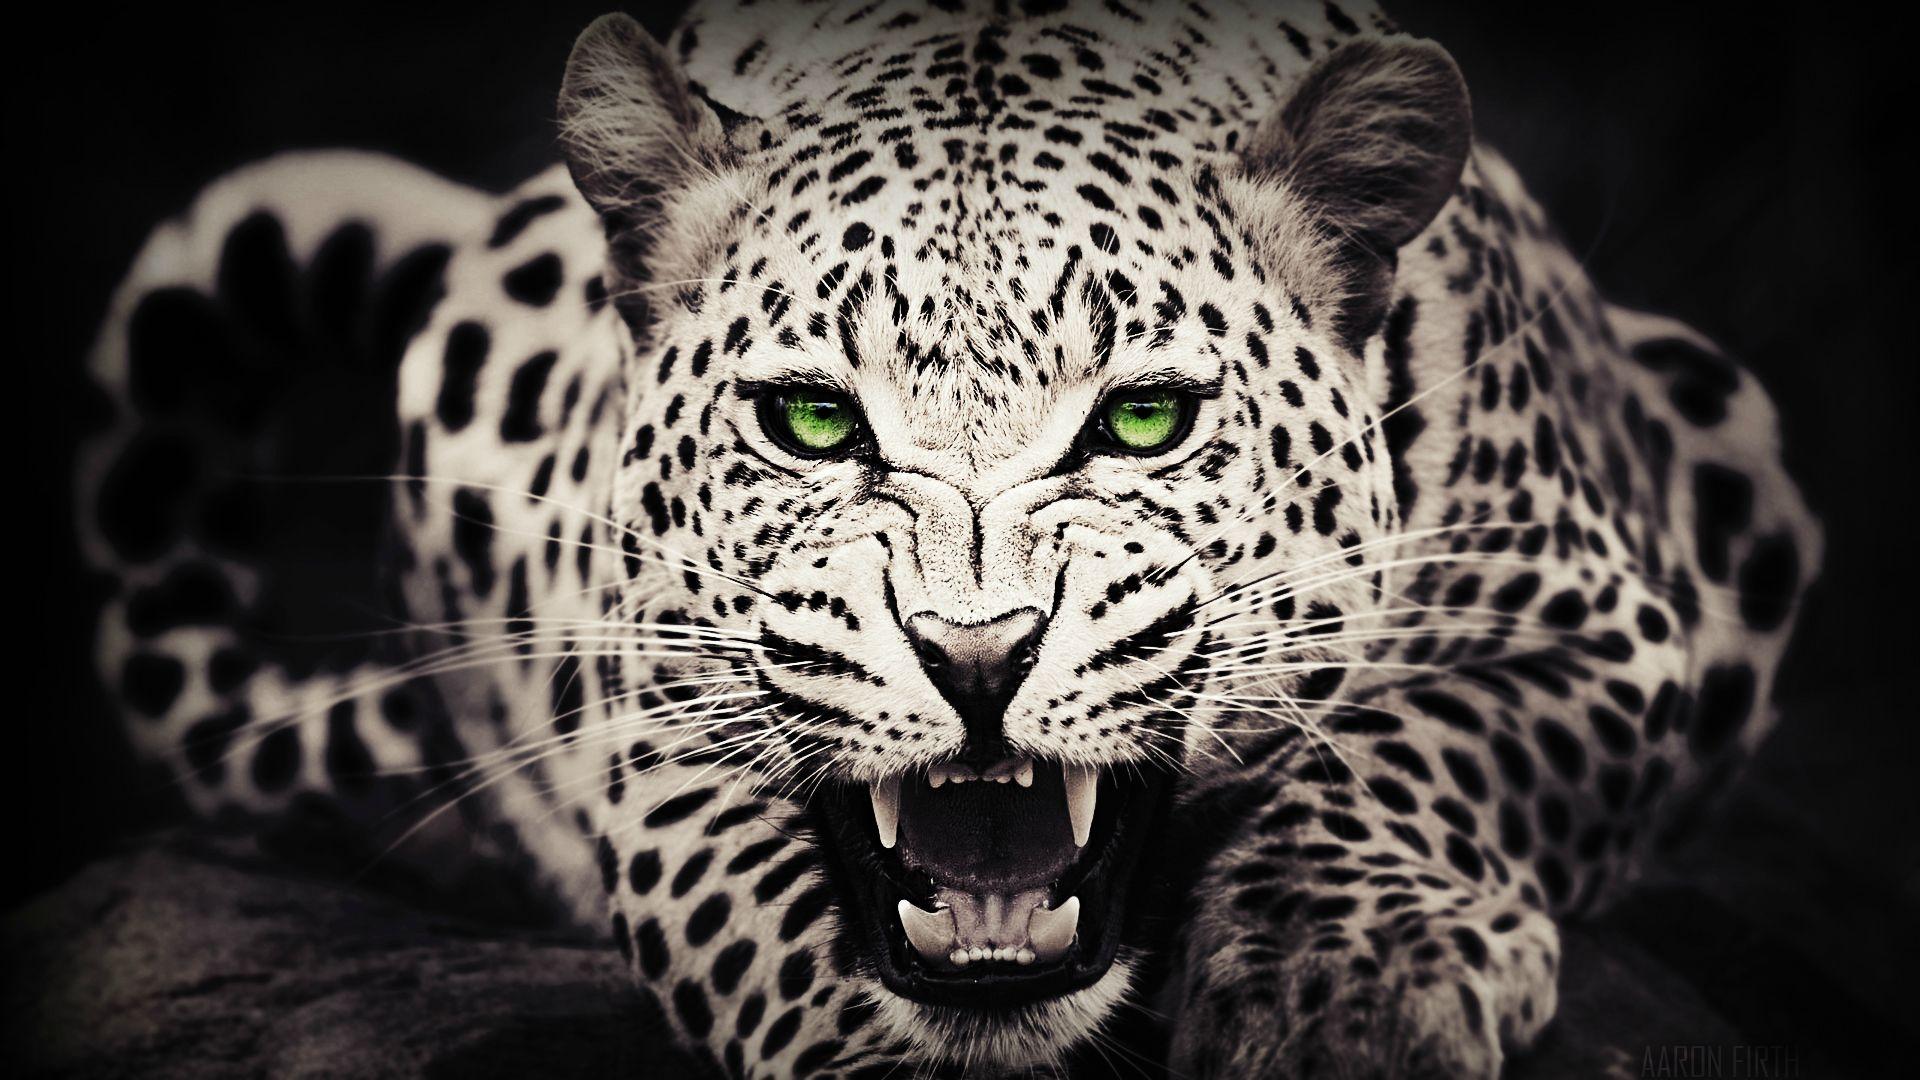 Leopard Wallpaper